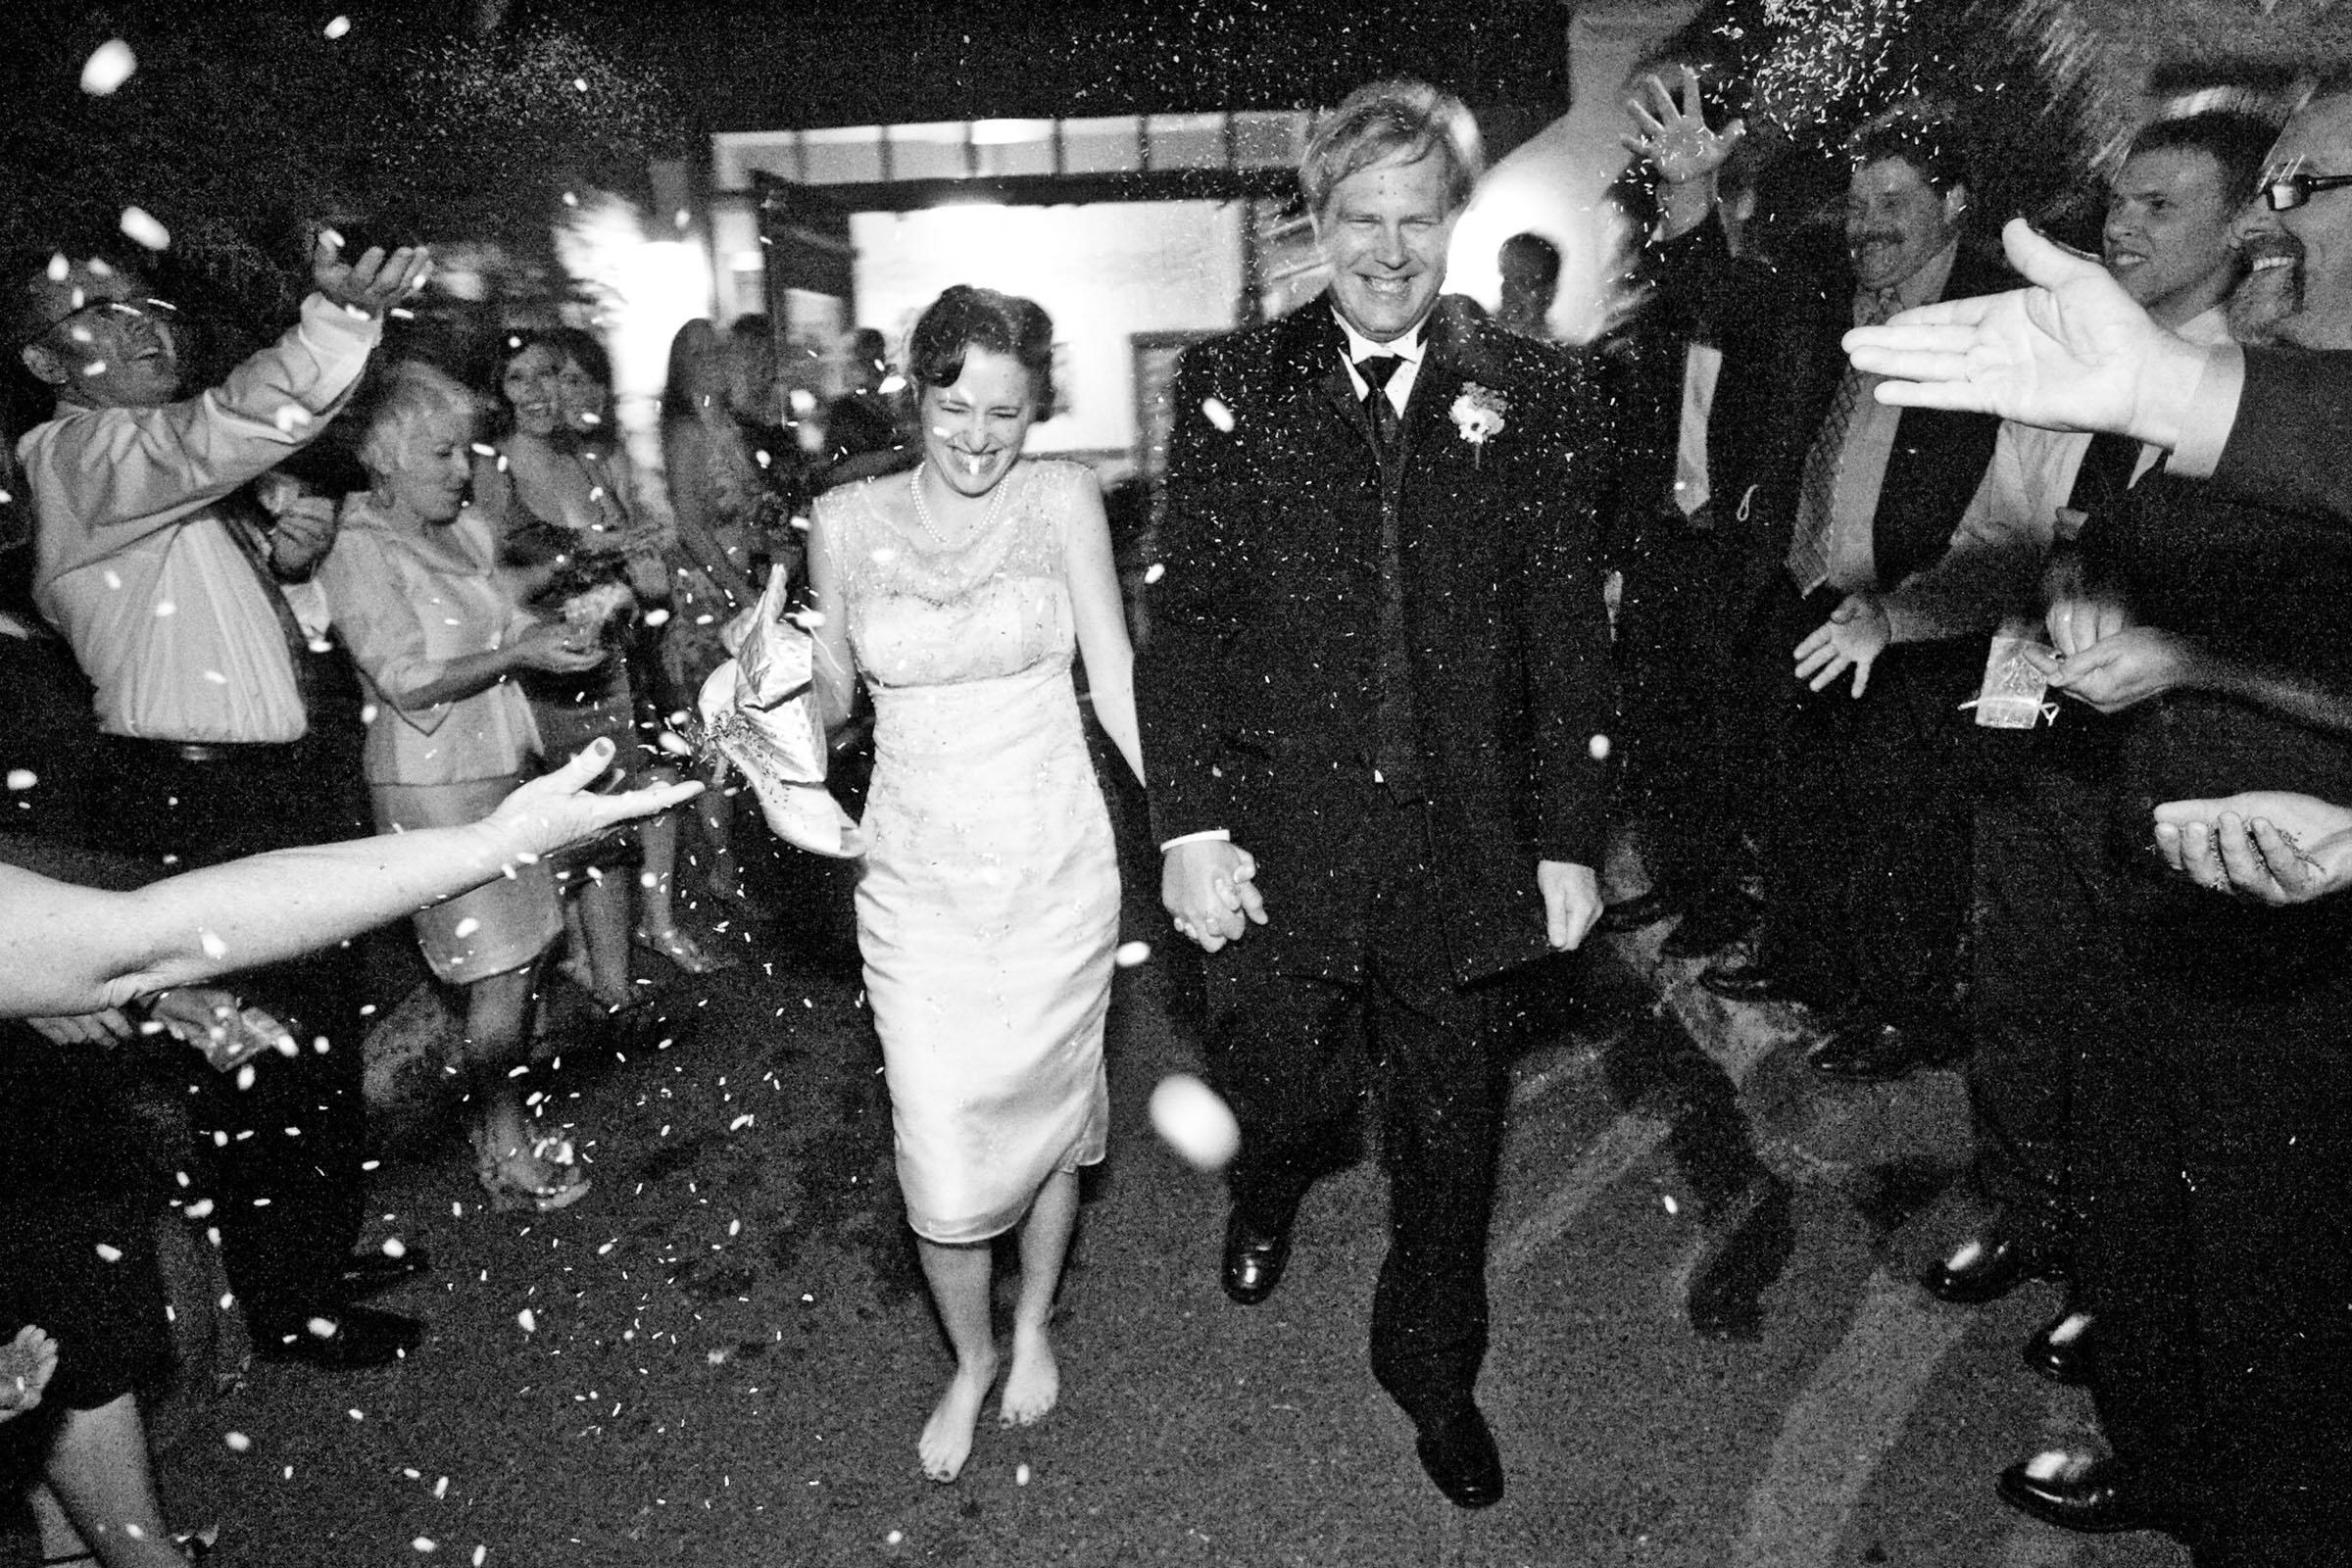 mcmenamins-edgefield-wedding-bride-groom-leaving